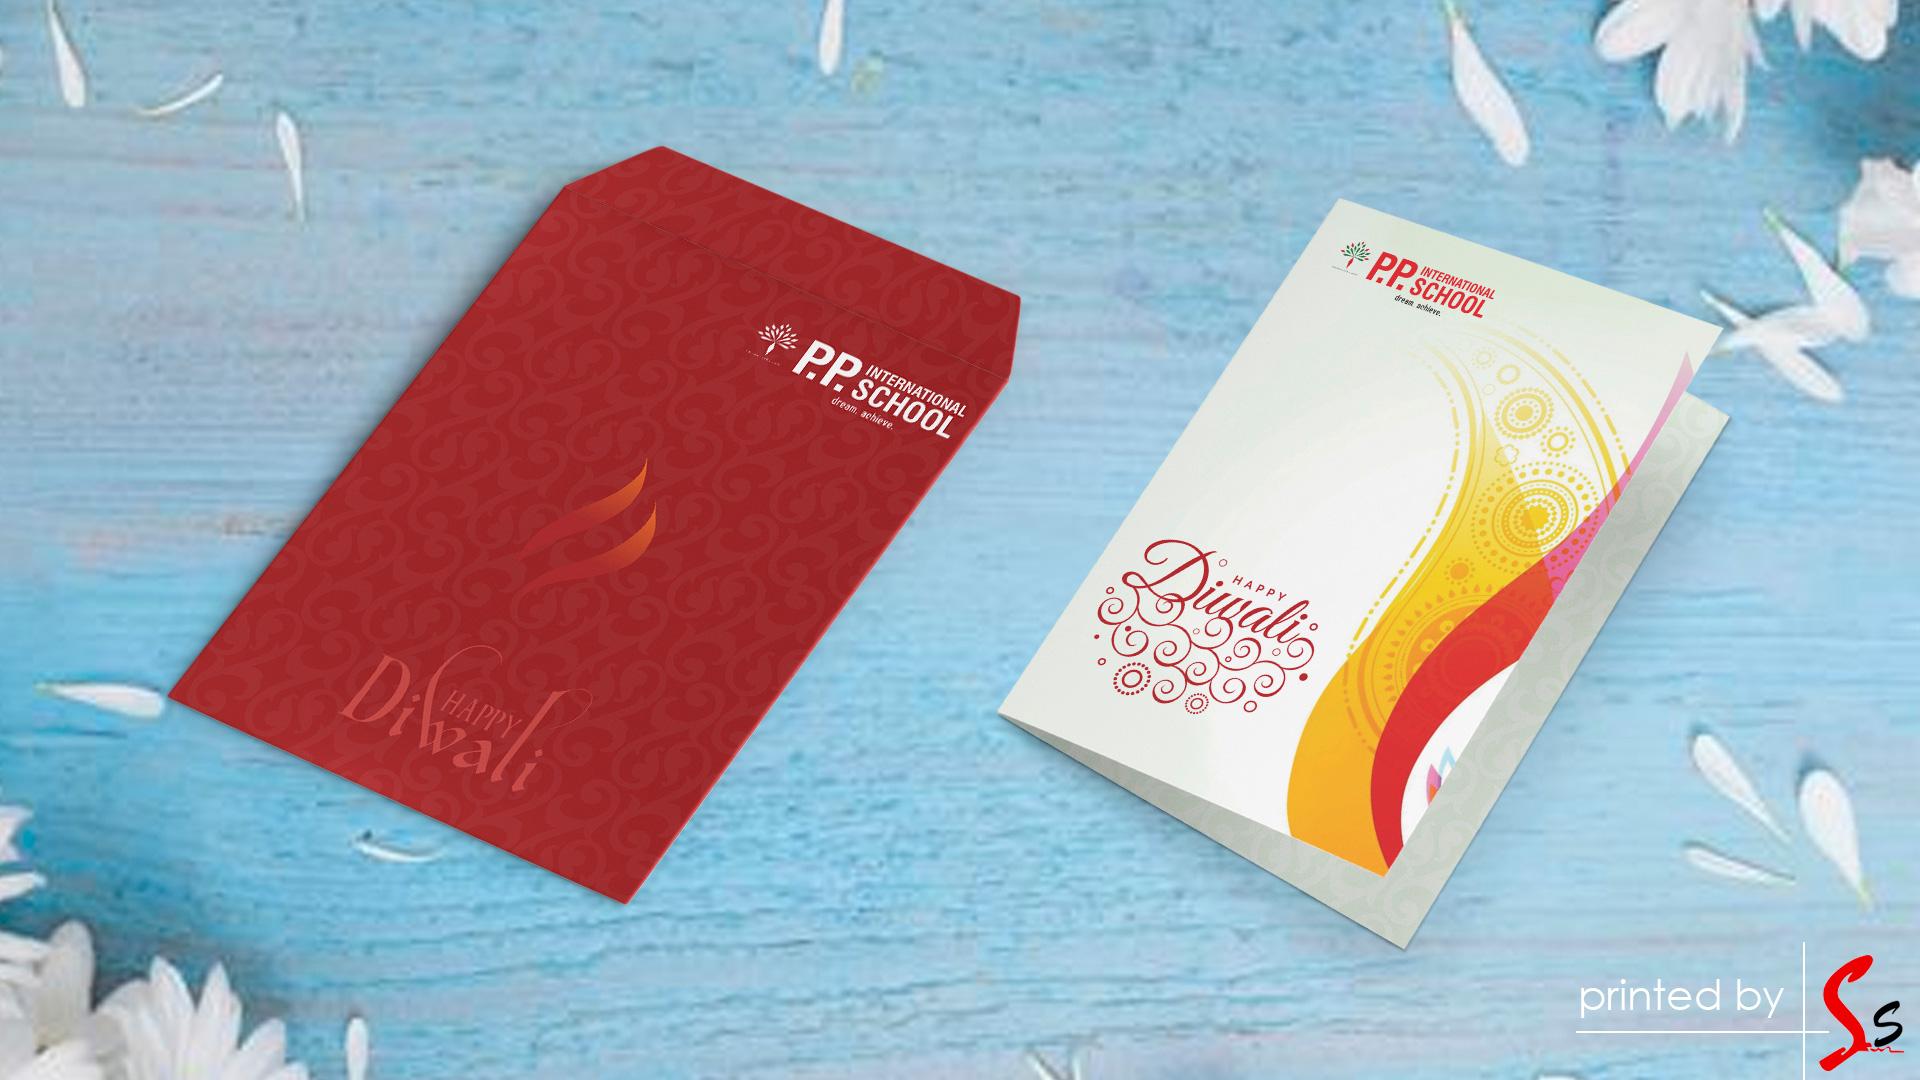 PP International School Envelop Printing